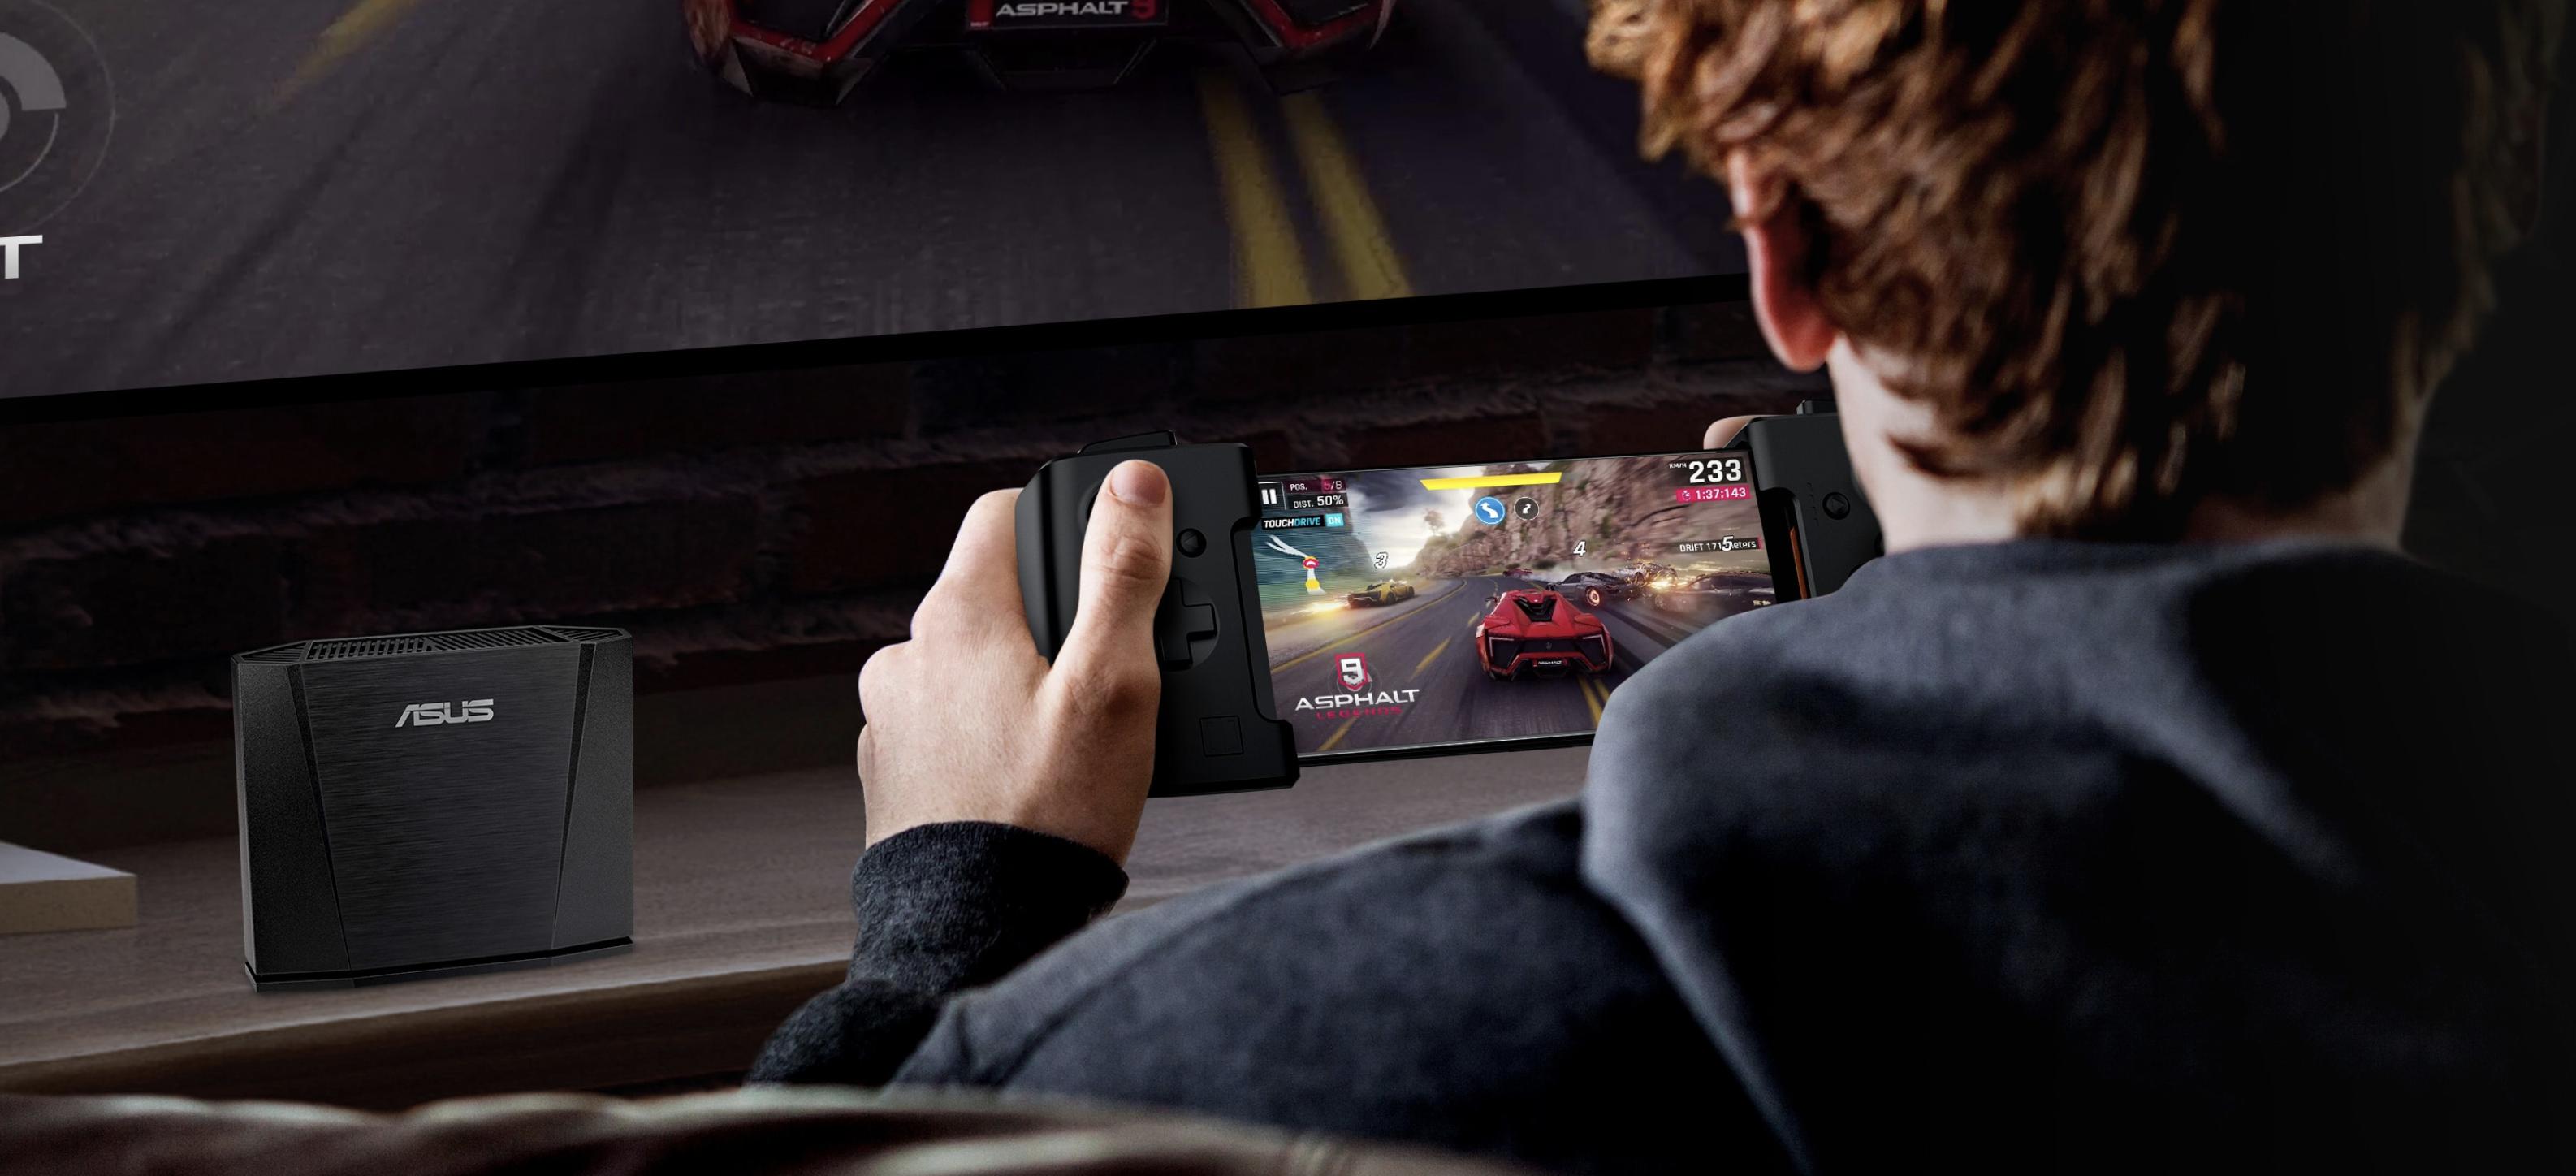 ROG Phoneのゲームパッド